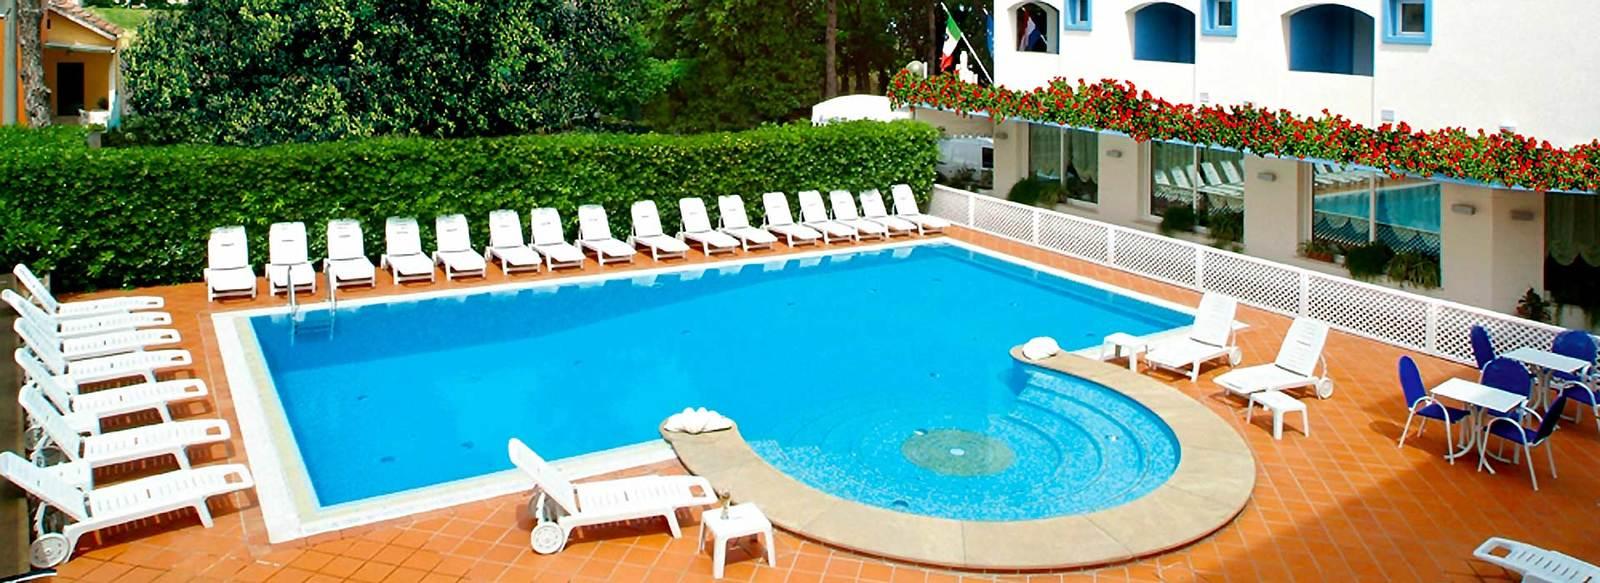 Vacanze in famiglia in riviera romagnola